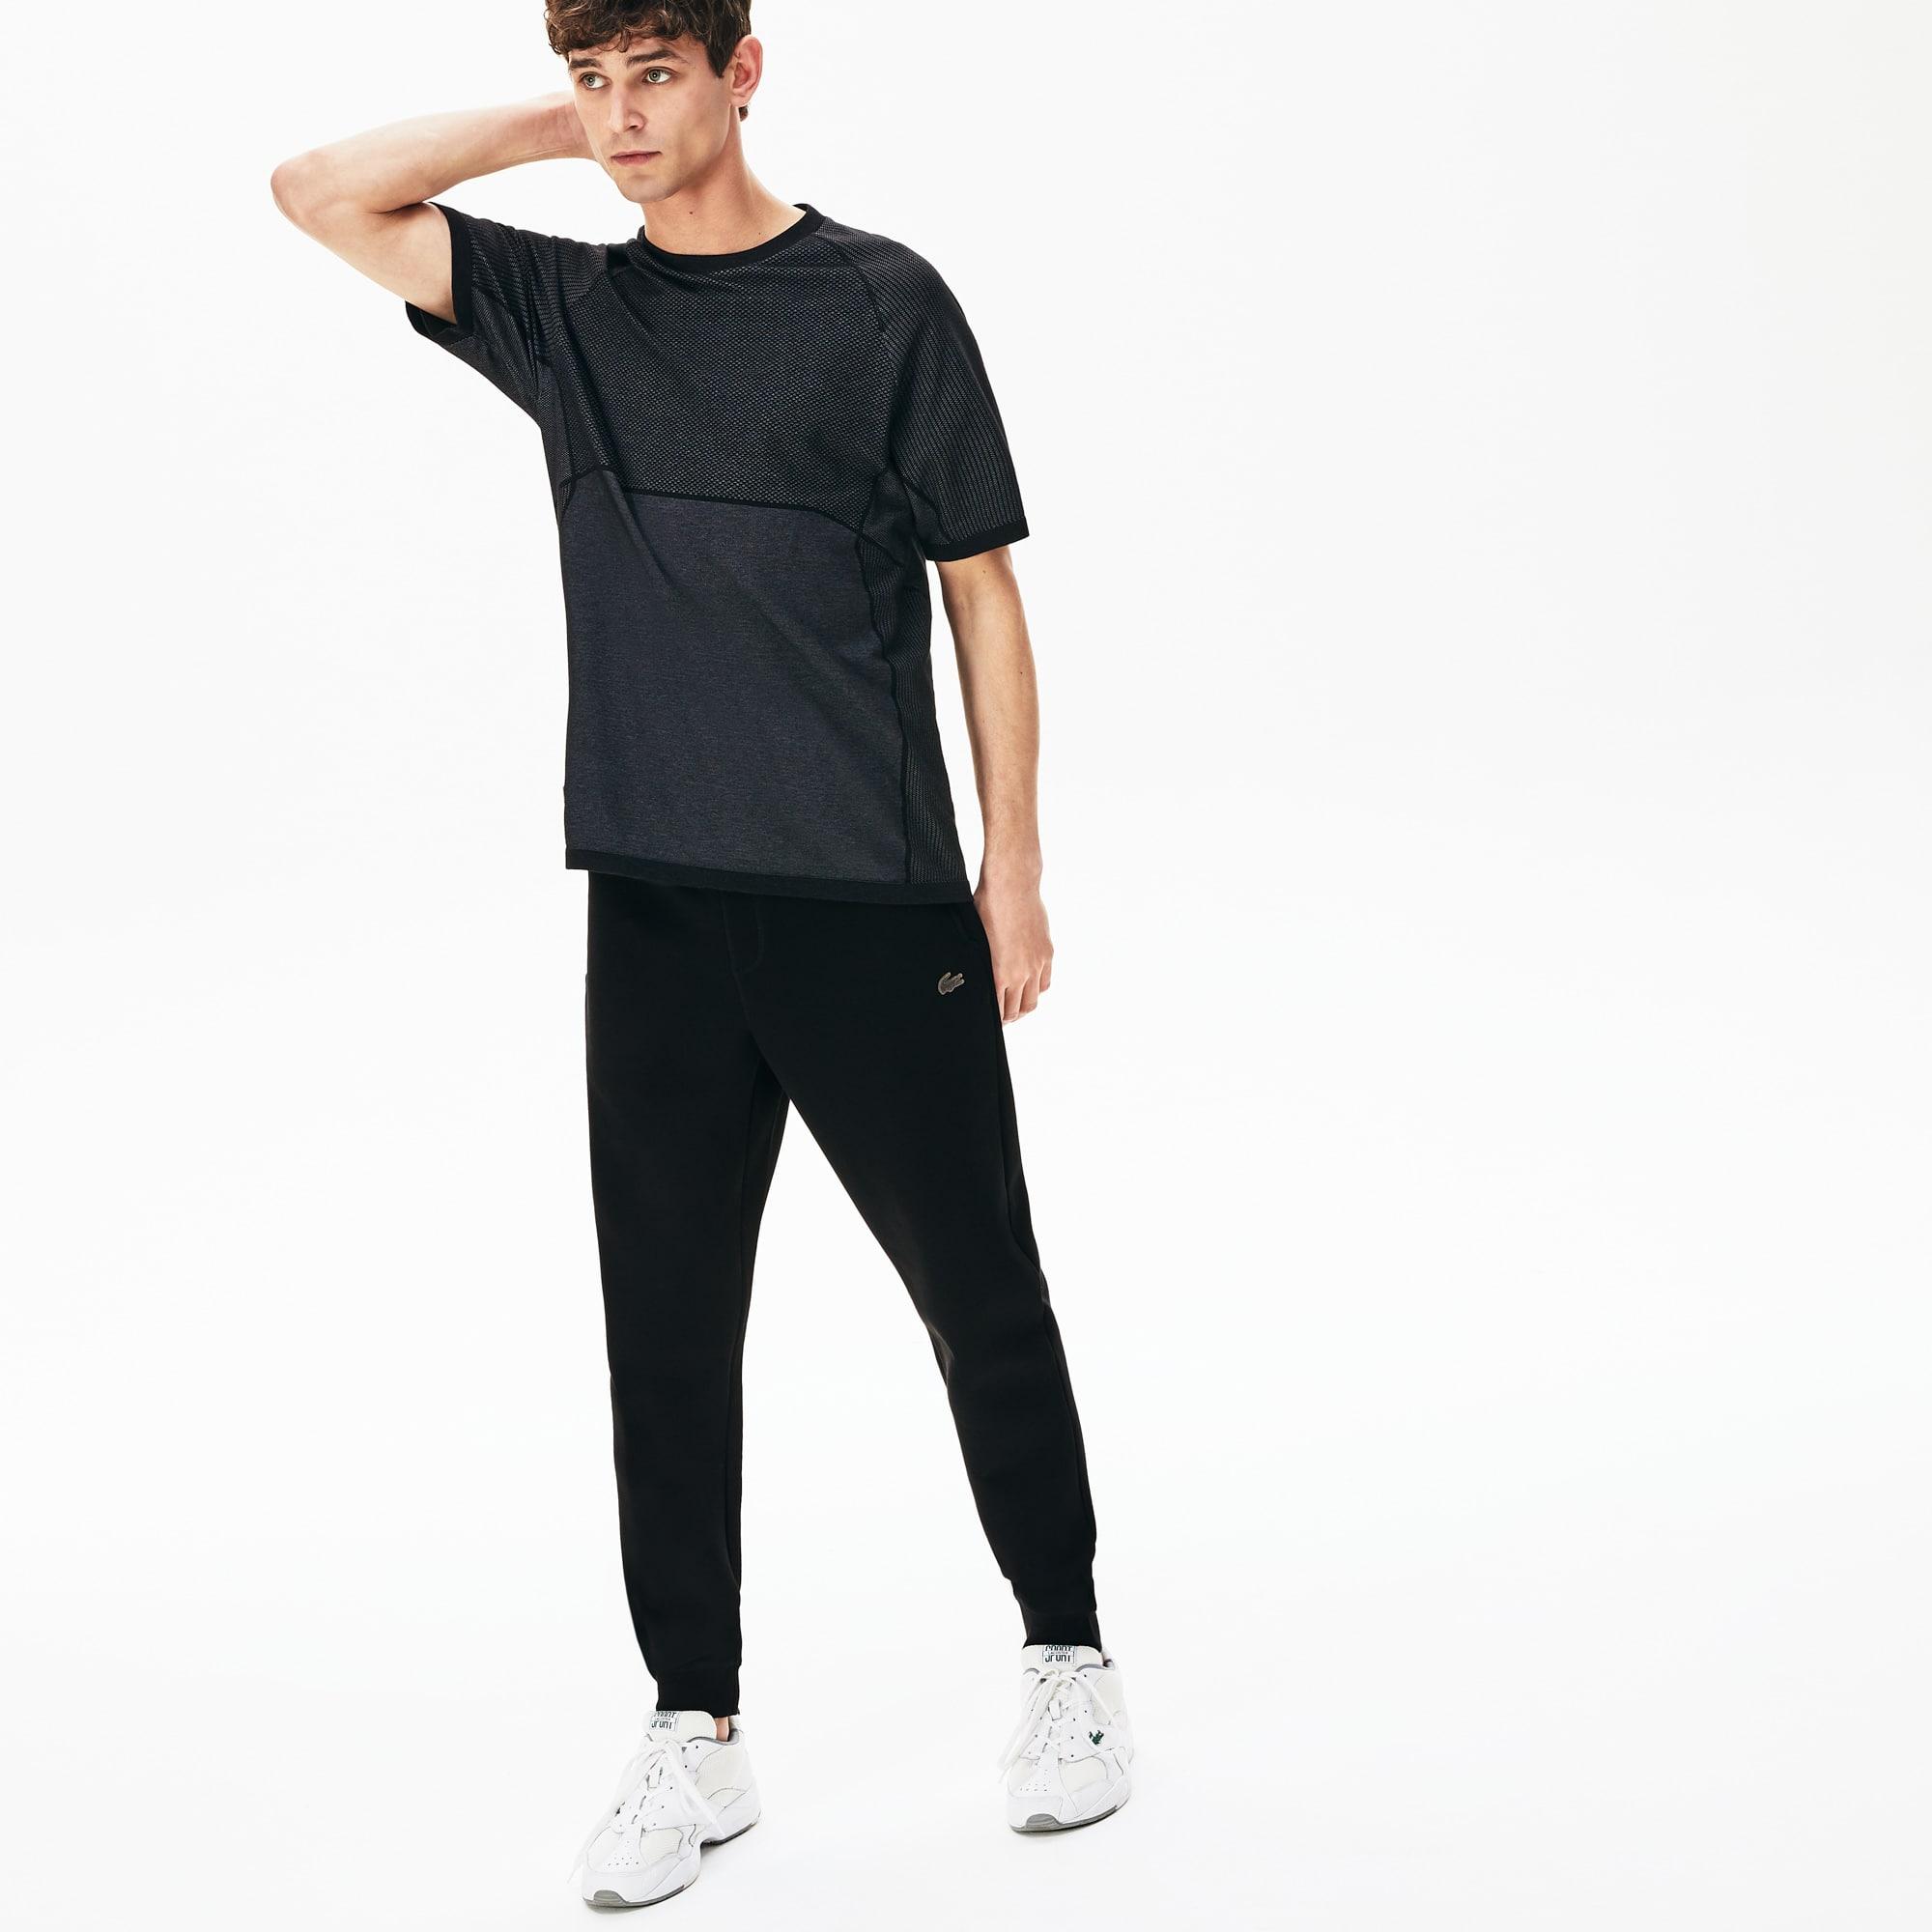 라코스테 모션 스트레치 트랙 팬츠 - 블랙 Lacoste Men's Motion Stretch Track Pants